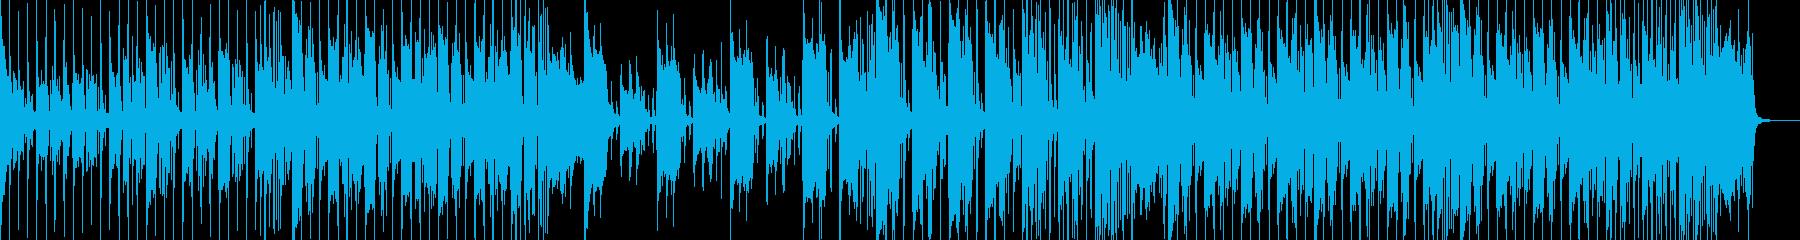 オシャレな感じのエレクトロファンクの再生済みの波形